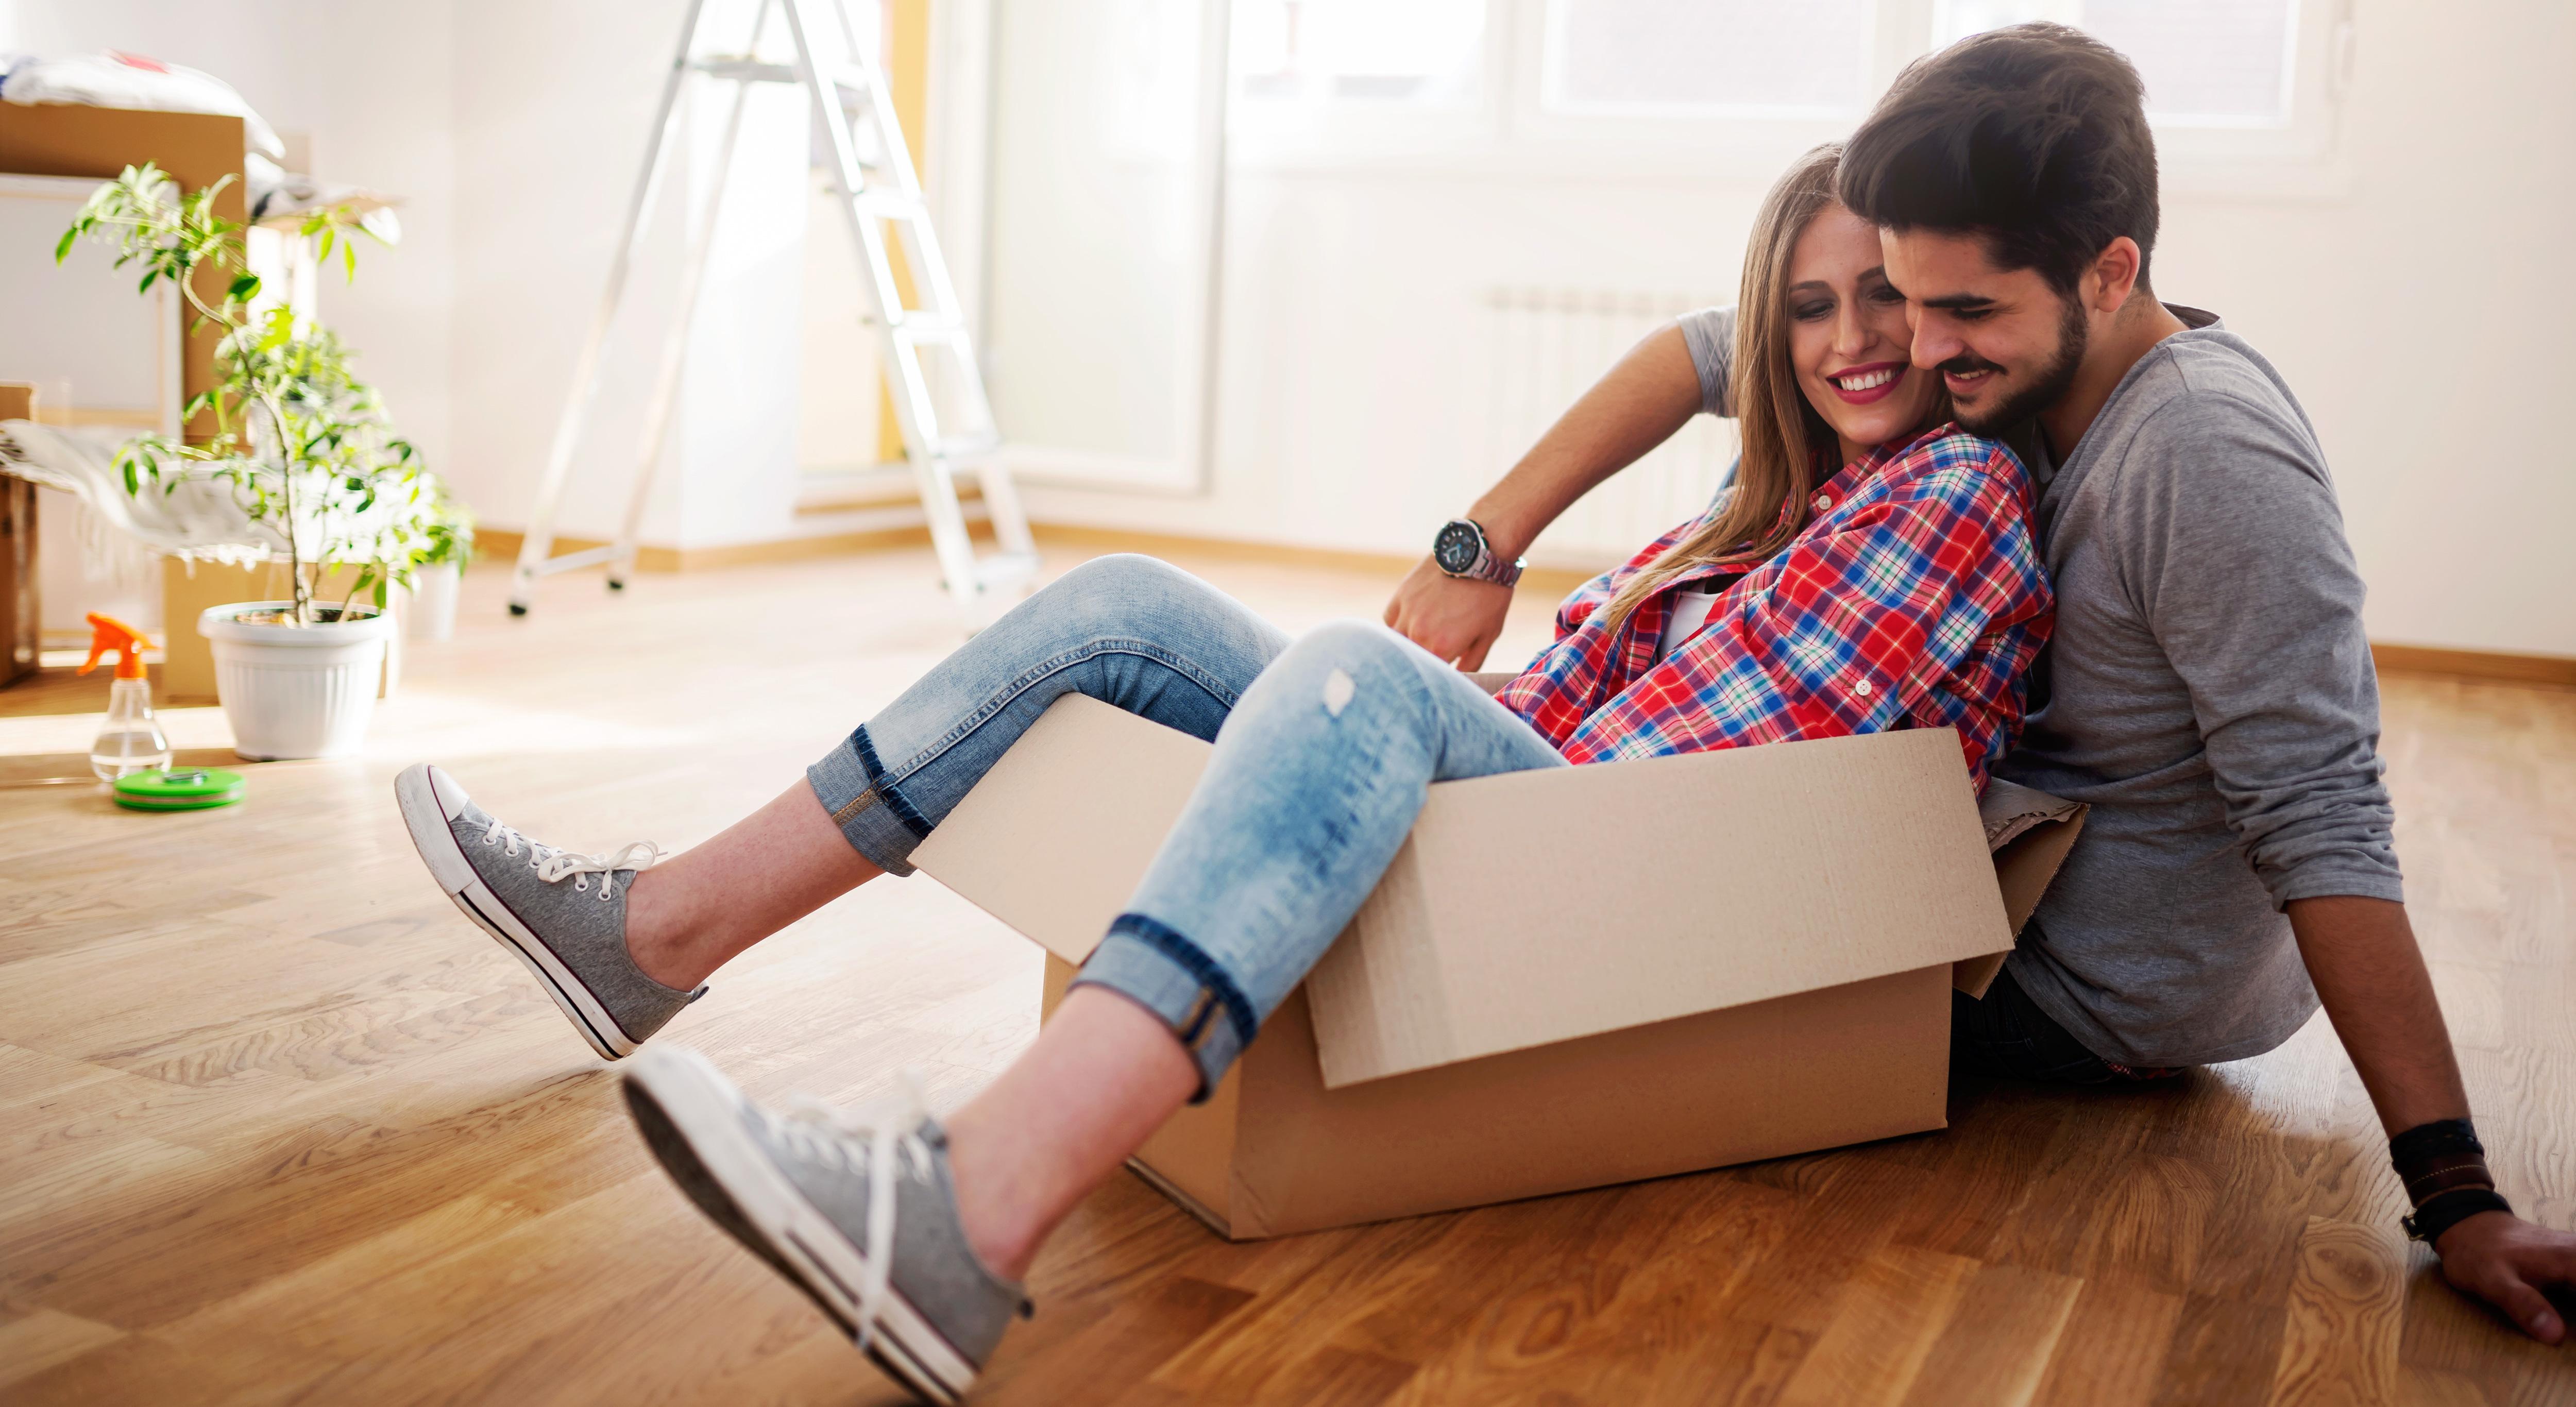 Glückliches junges Paar mit Umzugskarton in der neuen Wohnung